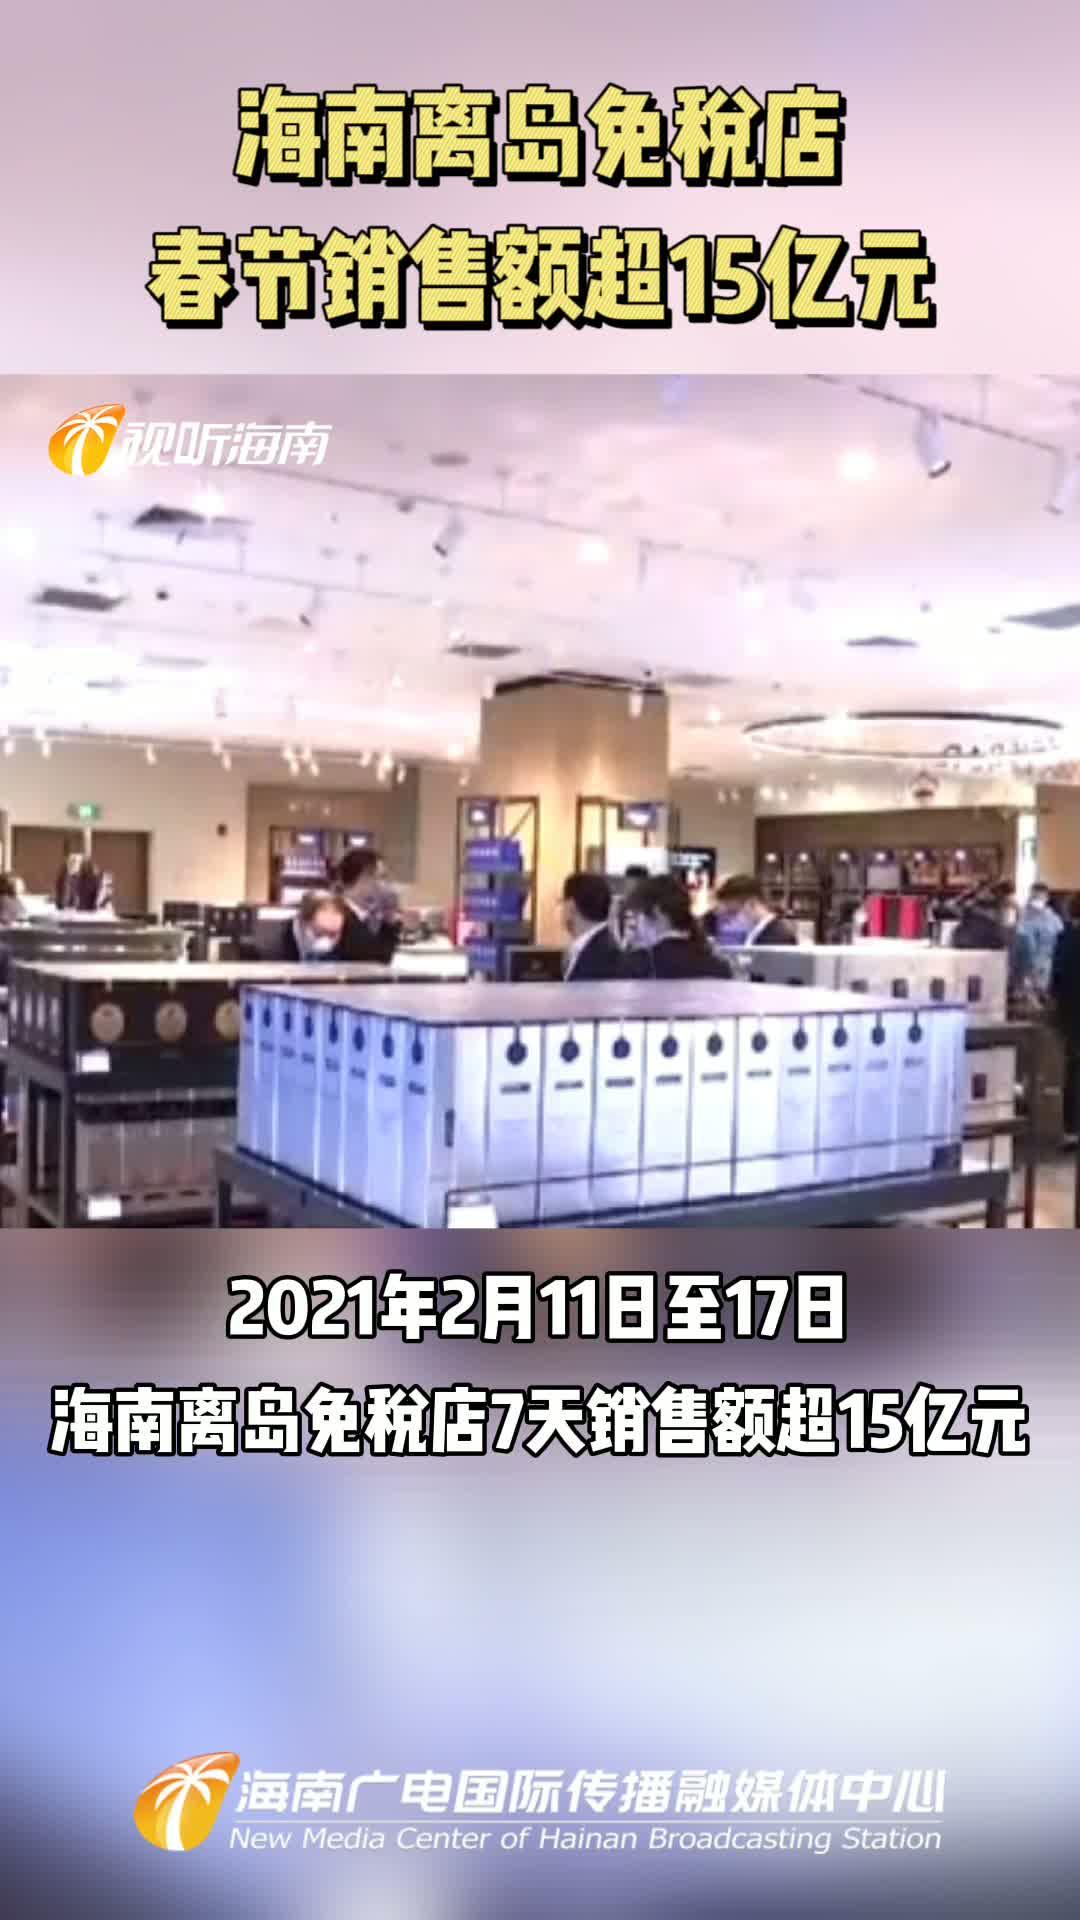 海南离岛免税店春节销售额超15亿元